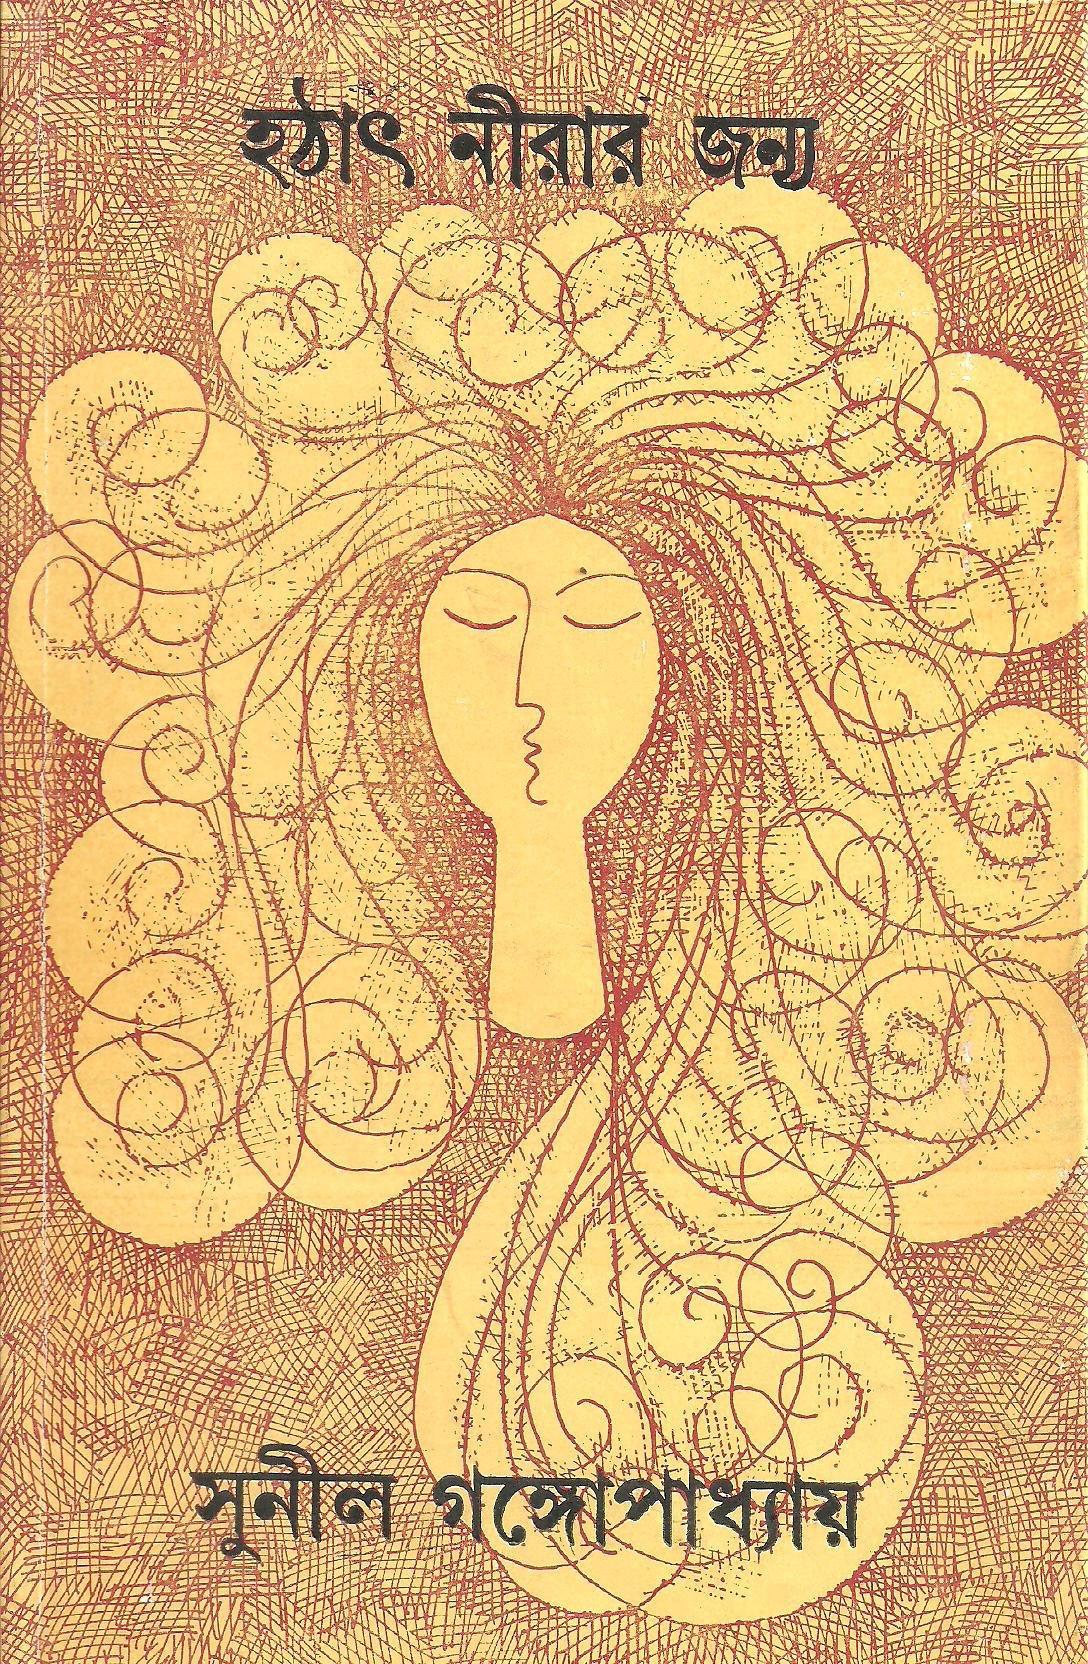 কবিতা ছাড়া সুনীল গঙ্গোপাধ্যায়ের পরিচয় অসম্পূর্ণ। সুনীল নিজেই বলতেন উনি মনেপ্রাণে কবি। তাঁর অসংখ্য এবং 'মাস্টারপিস' কবিতার মধ্যেও সবথেকে চর্চিত সম্ভবত 'নীরা'-কে নিয়ে লেখা তাঁর কবিতাগুচ্ছ। জীবনানন্দ দাসের যেমন বনলতা সেন, সুনীলের তেমন 'নীরা'। এক কল্পিত নারীকে কেন্দ্র করে সুনীলের লেখা এইসব কবিতা চিরন্তন ঠাঁই পেয়েছে বাংলা সাহিত্যপ্রেমীদের হৃদয়ে।